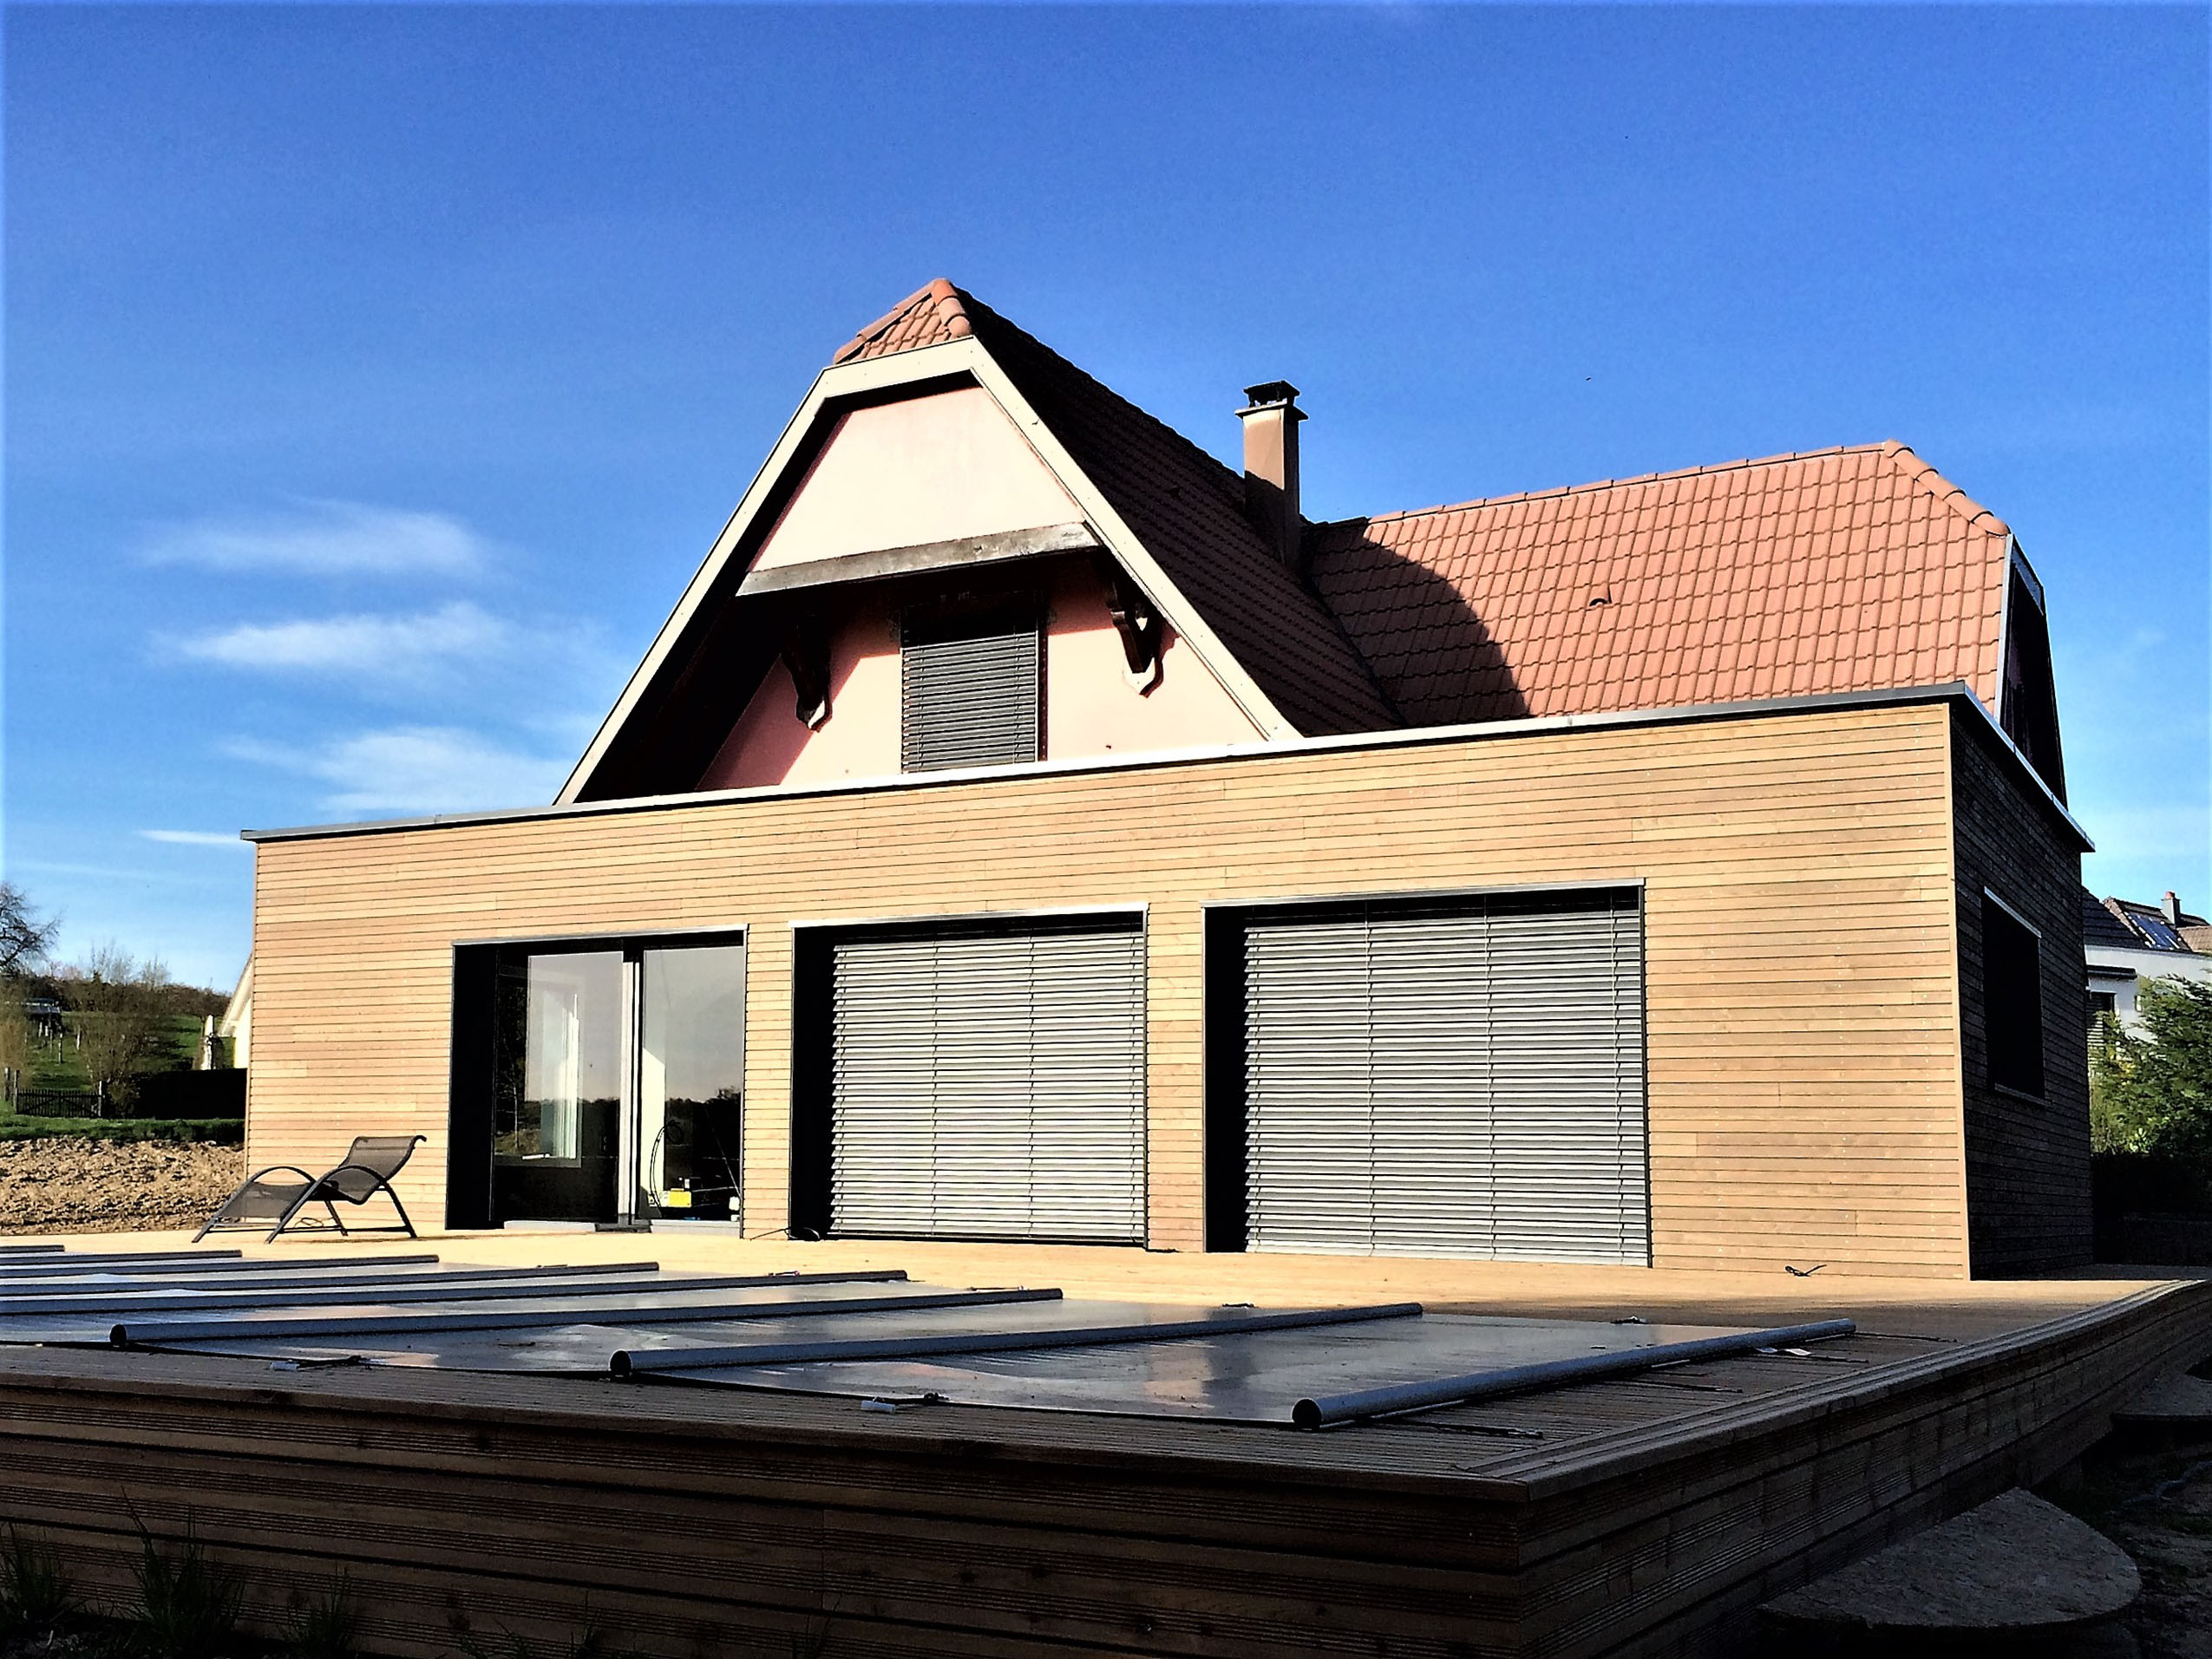 Extension en ossature bois d'une maison à Rantzwiller